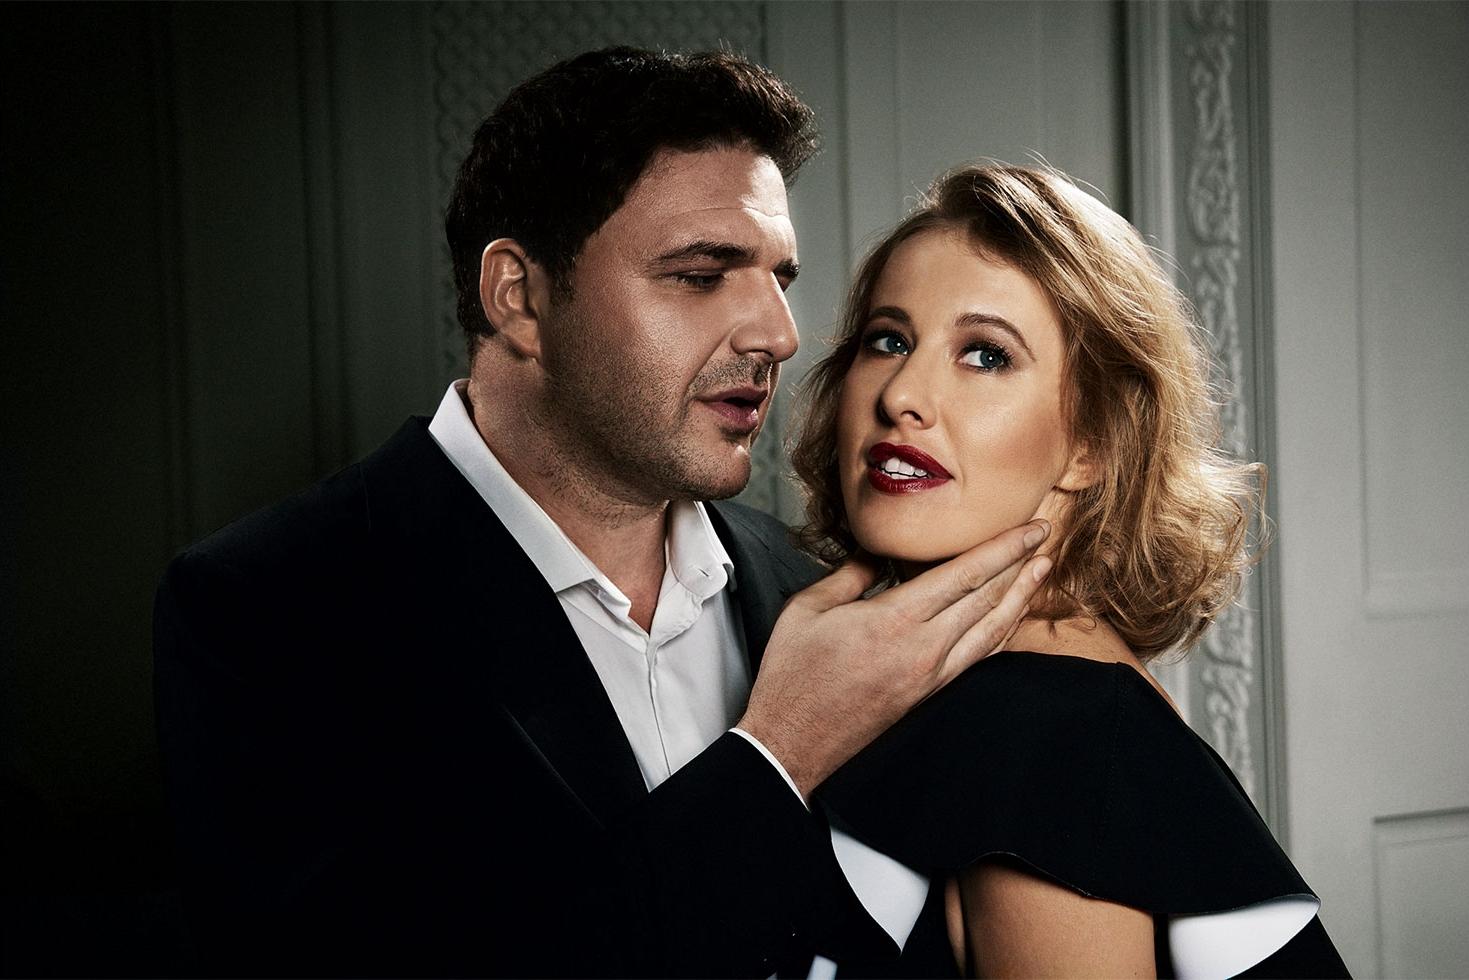 Ксения Собчак и Максим Виторган снялись в стильной фотосессии: история знакомства пары - фото №2